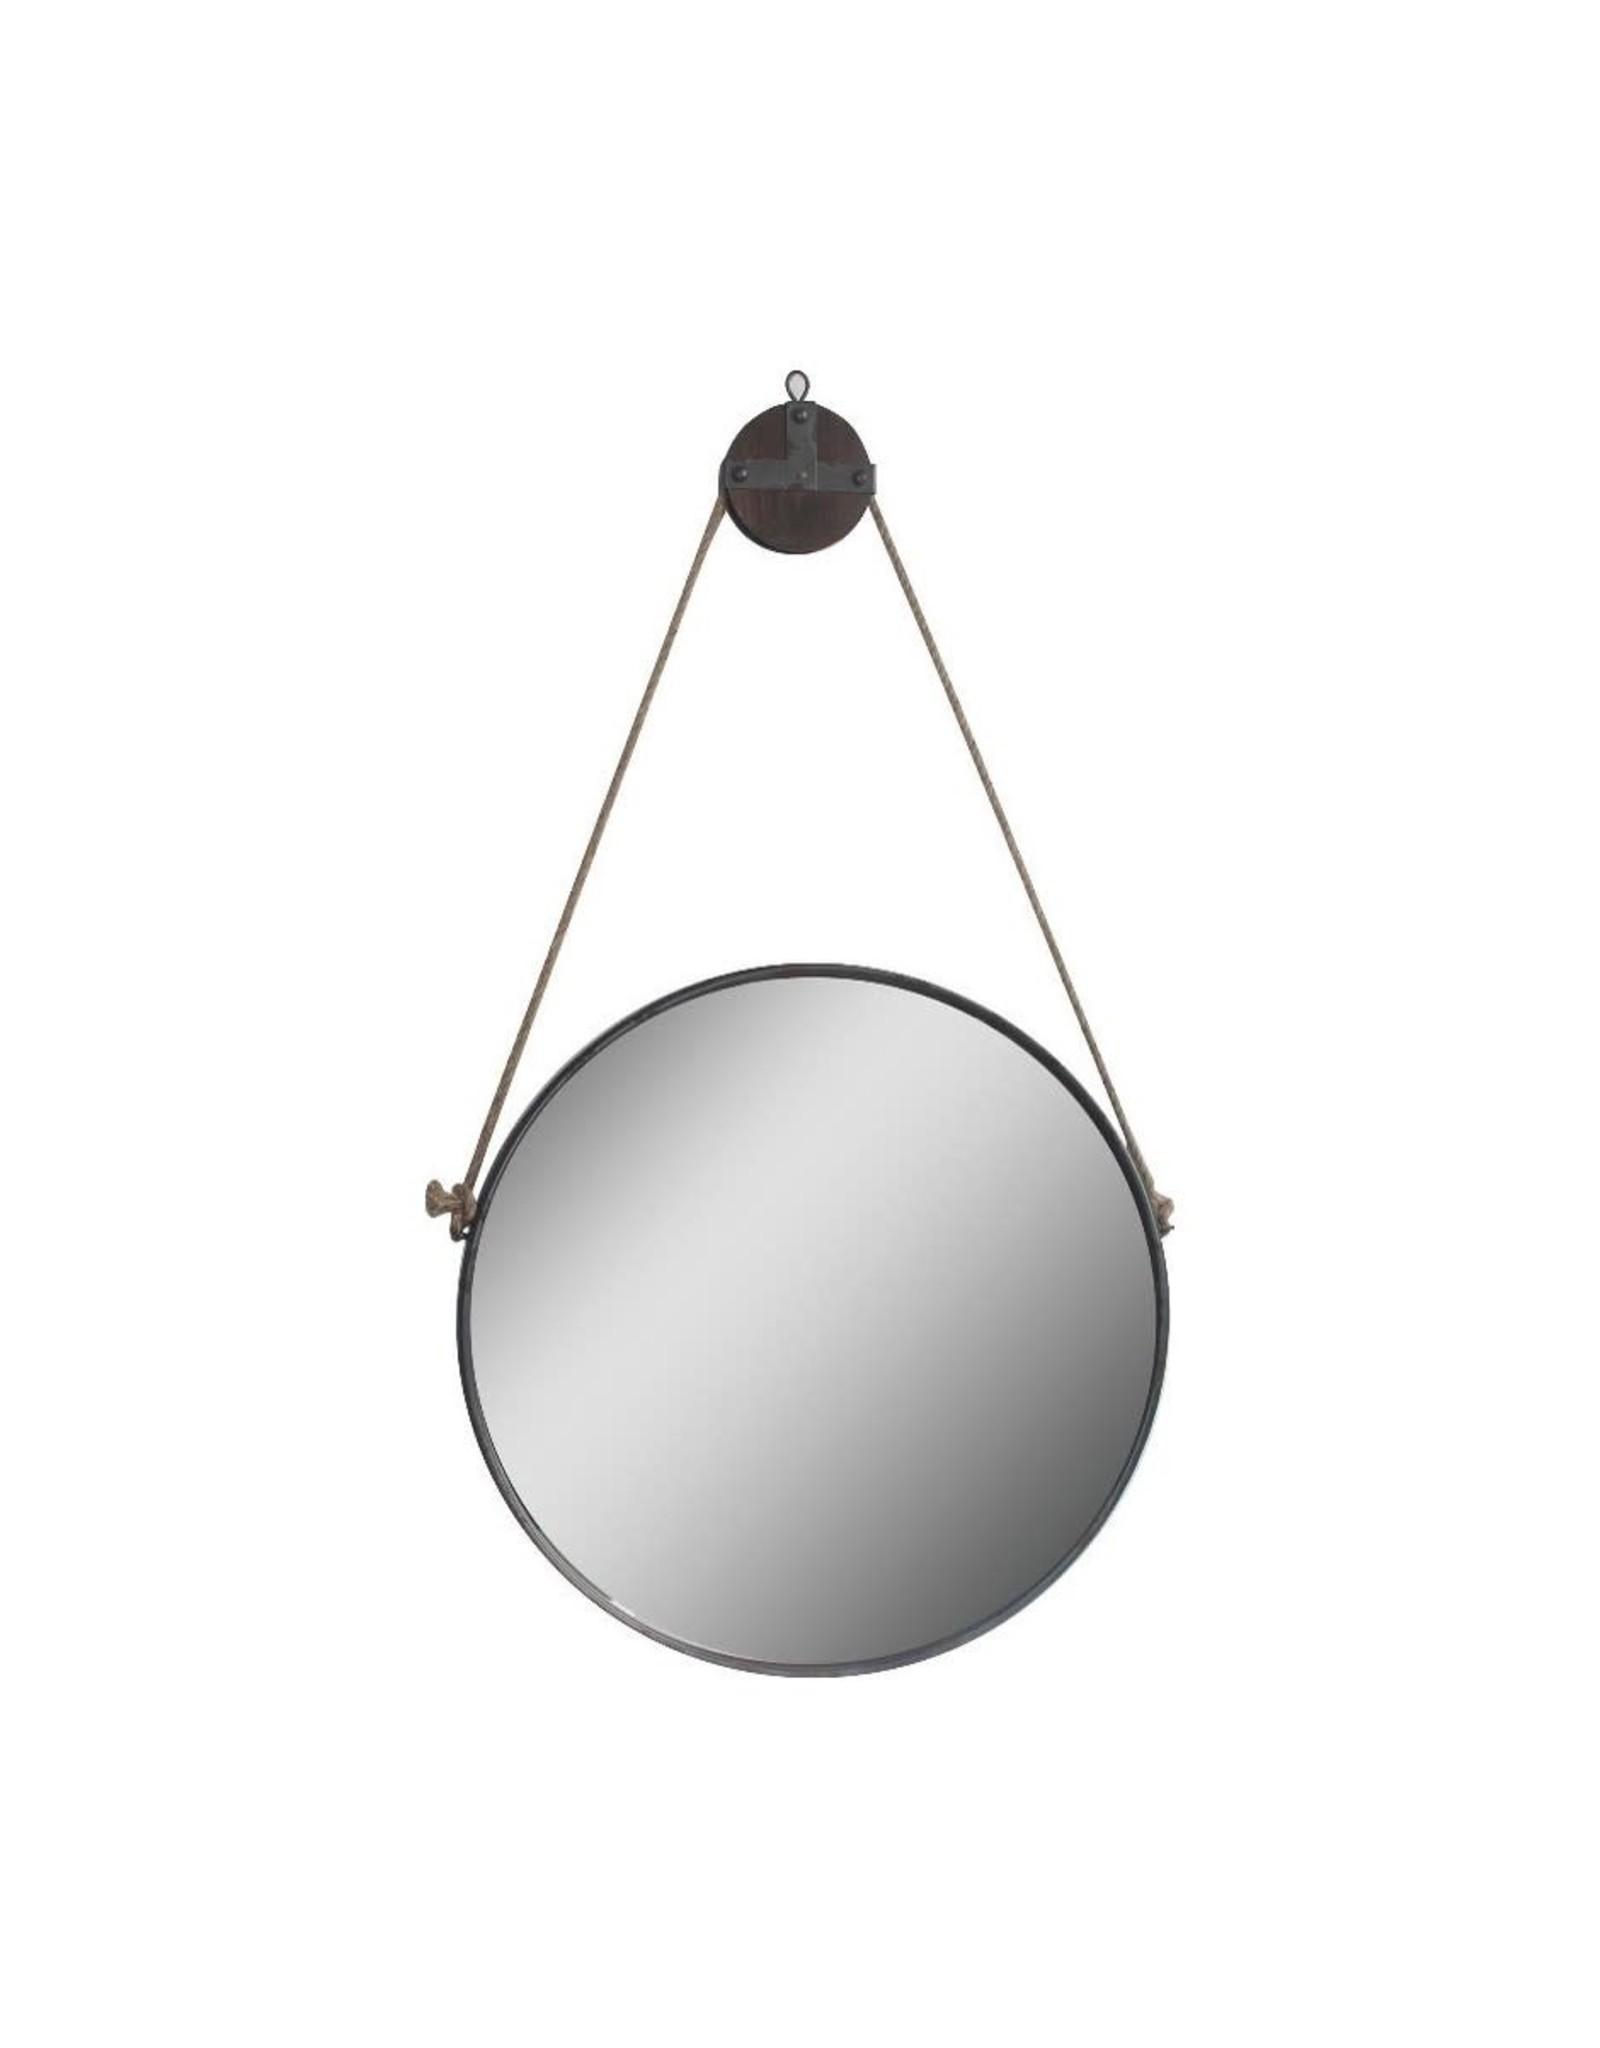 Miroir Accent rond galvanisé avec cordage